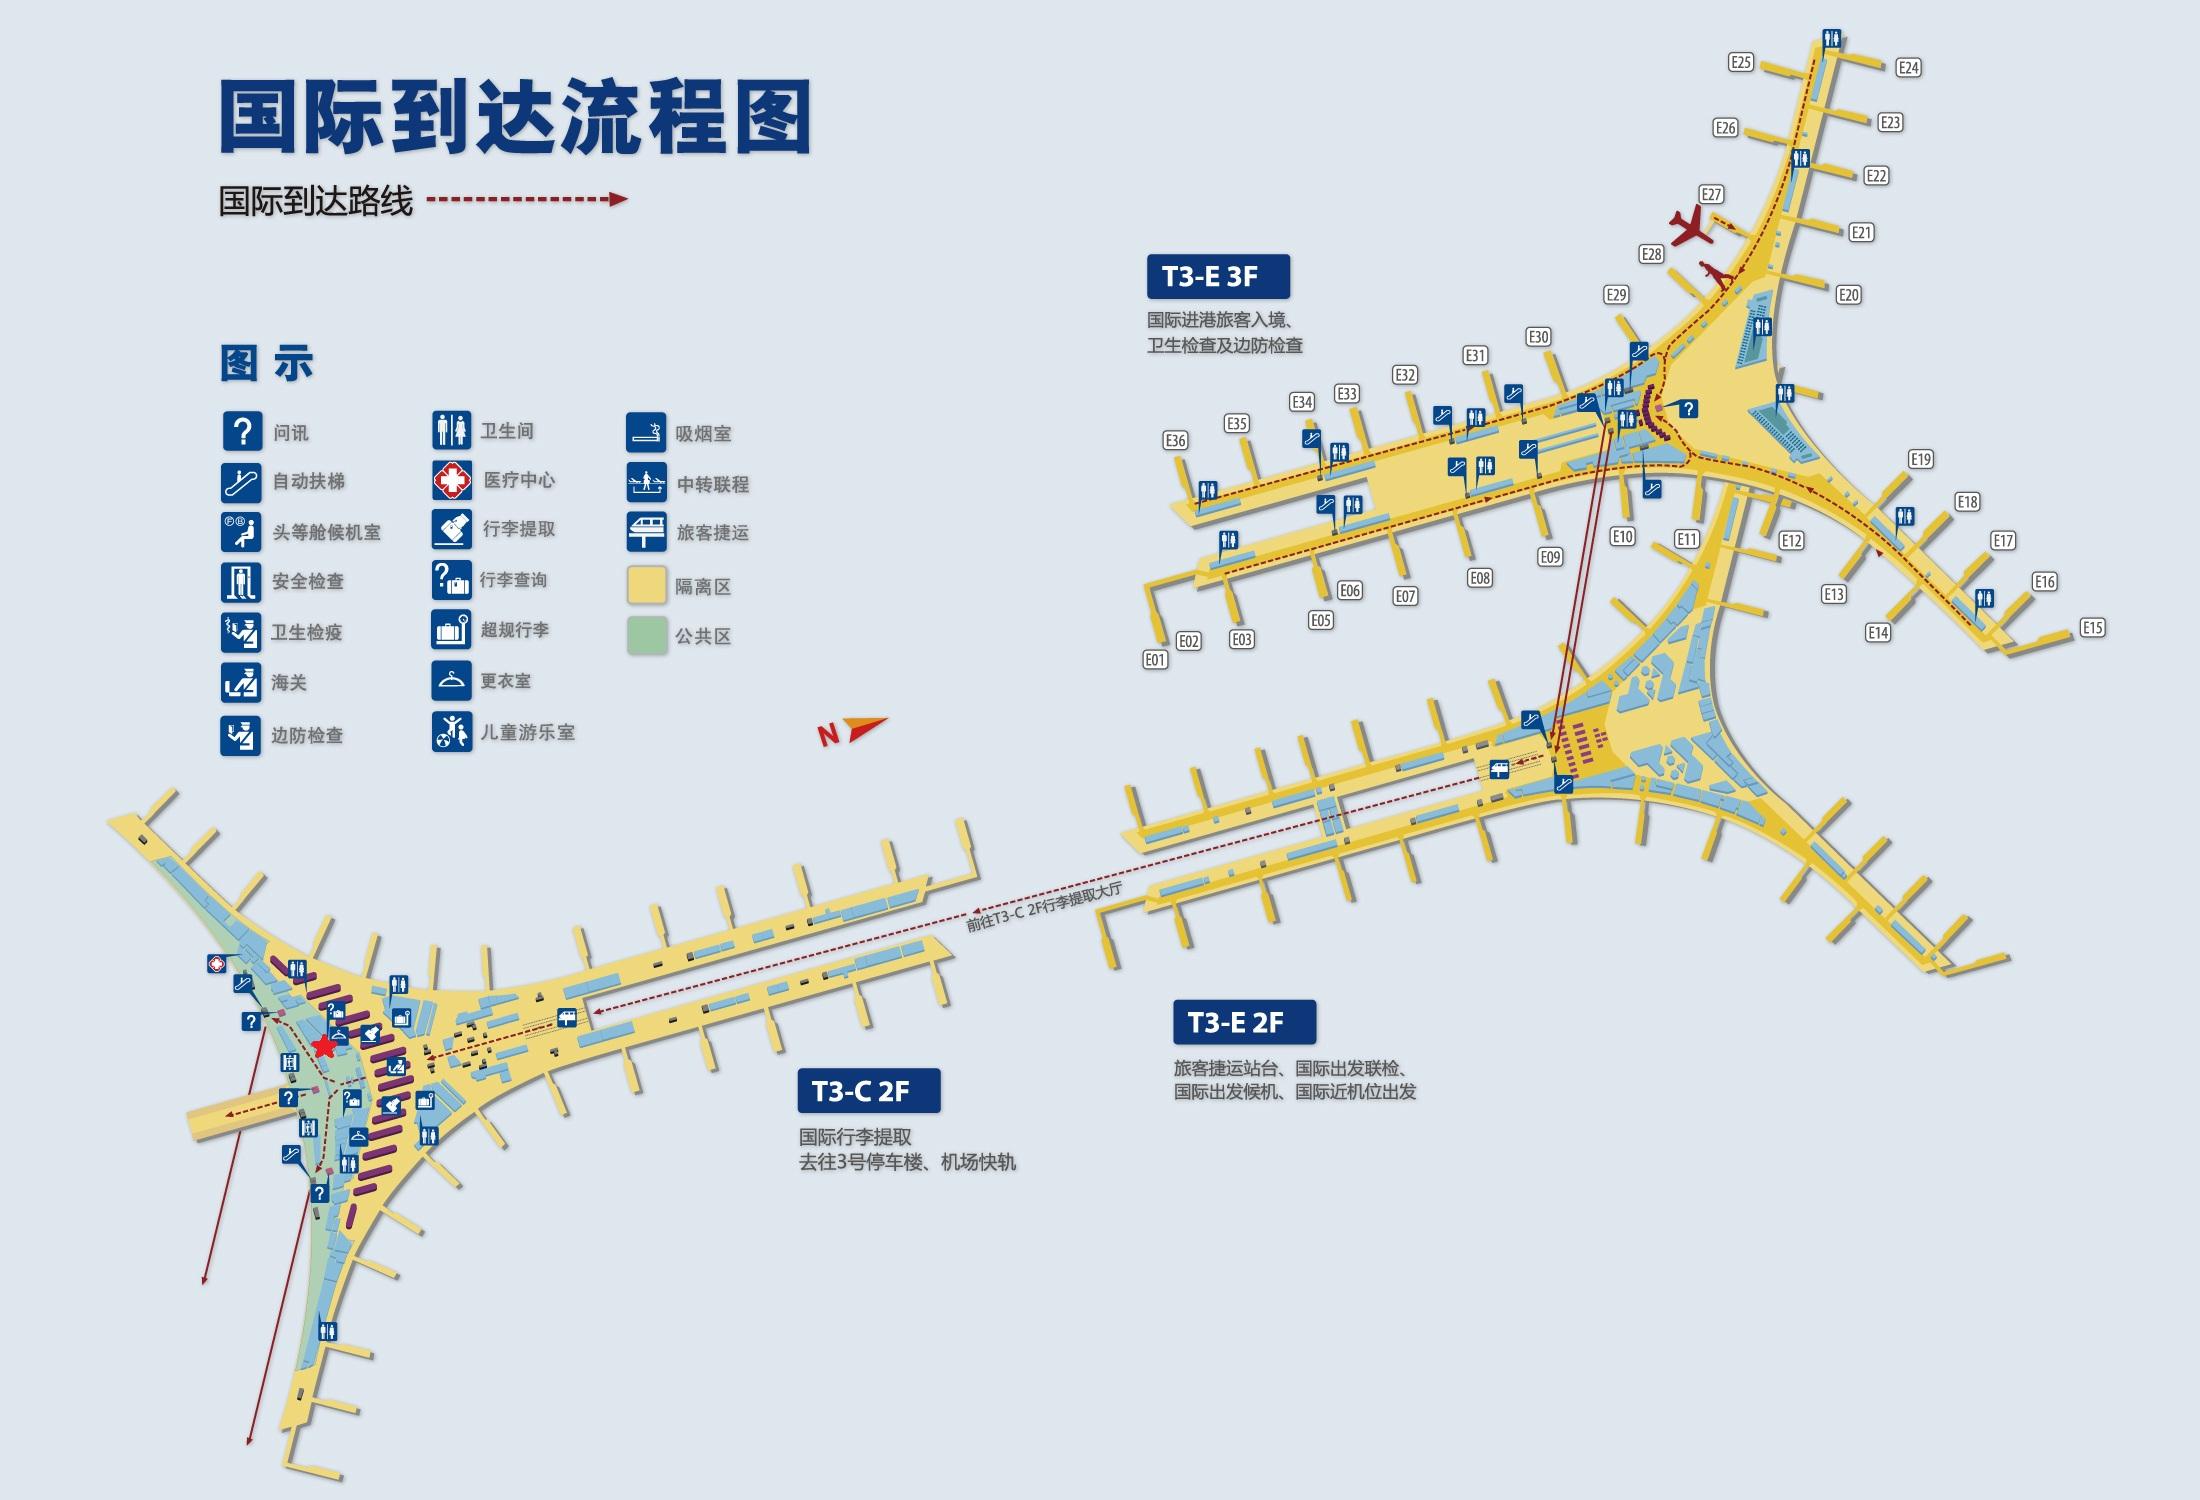 北京首都机场3号航站楼图示